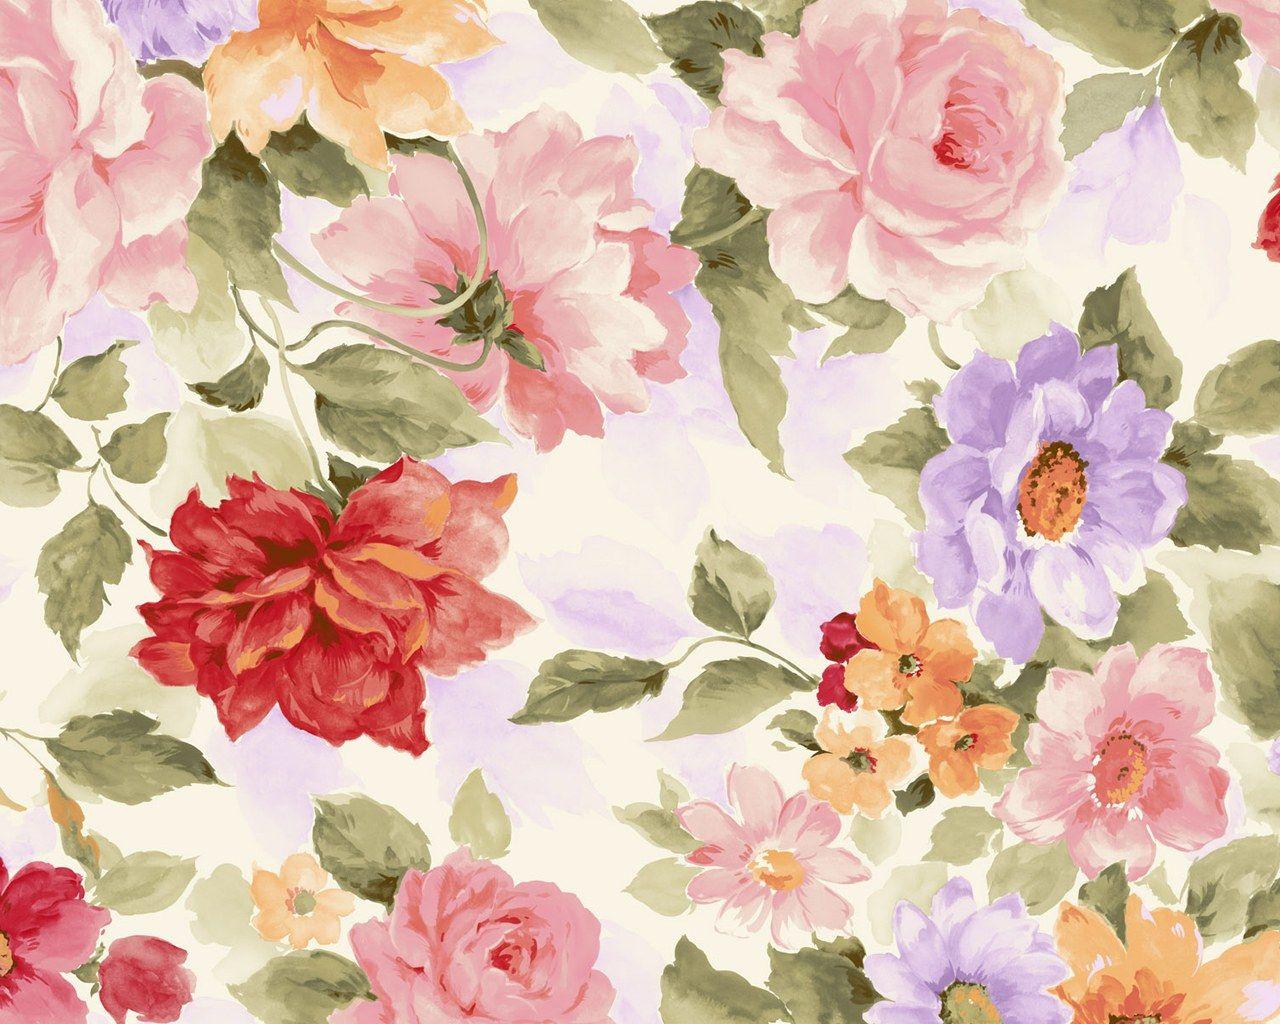 Vintage Flowers Pattern Wallpapers Hd Vintage Flowers Wallpaper Watercolor Flowers Paintings Flower Painting